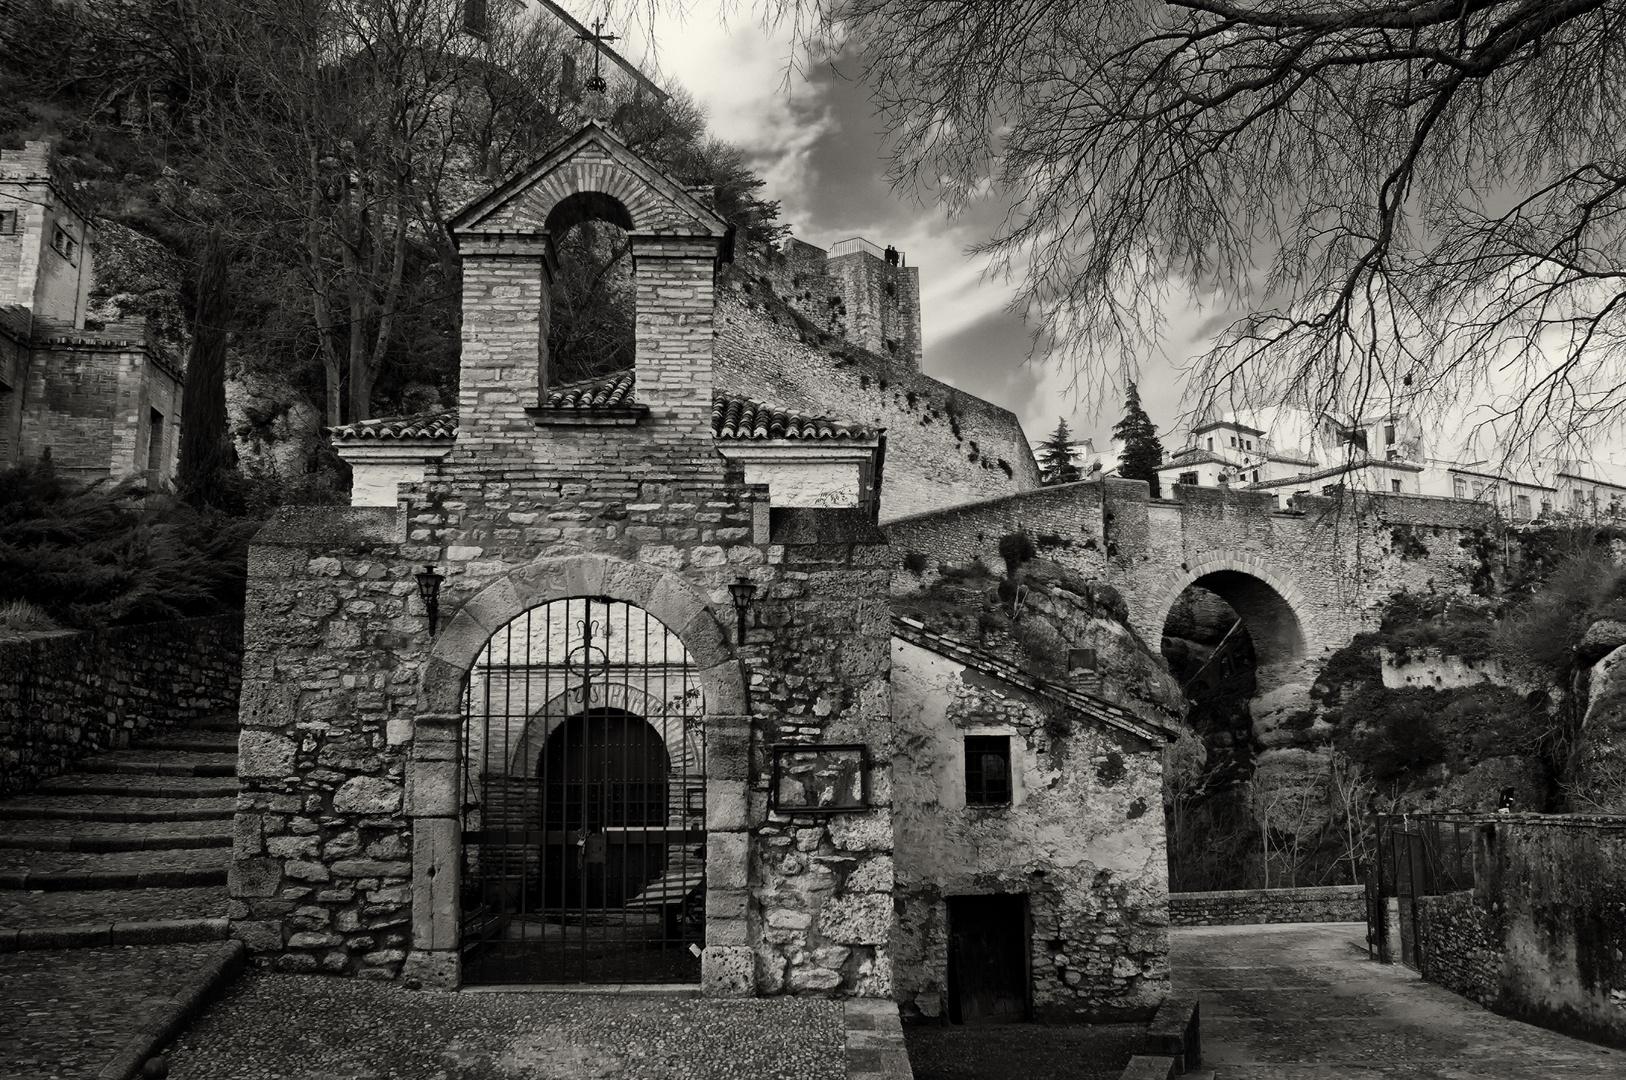 mezquita y puente viejo ronda